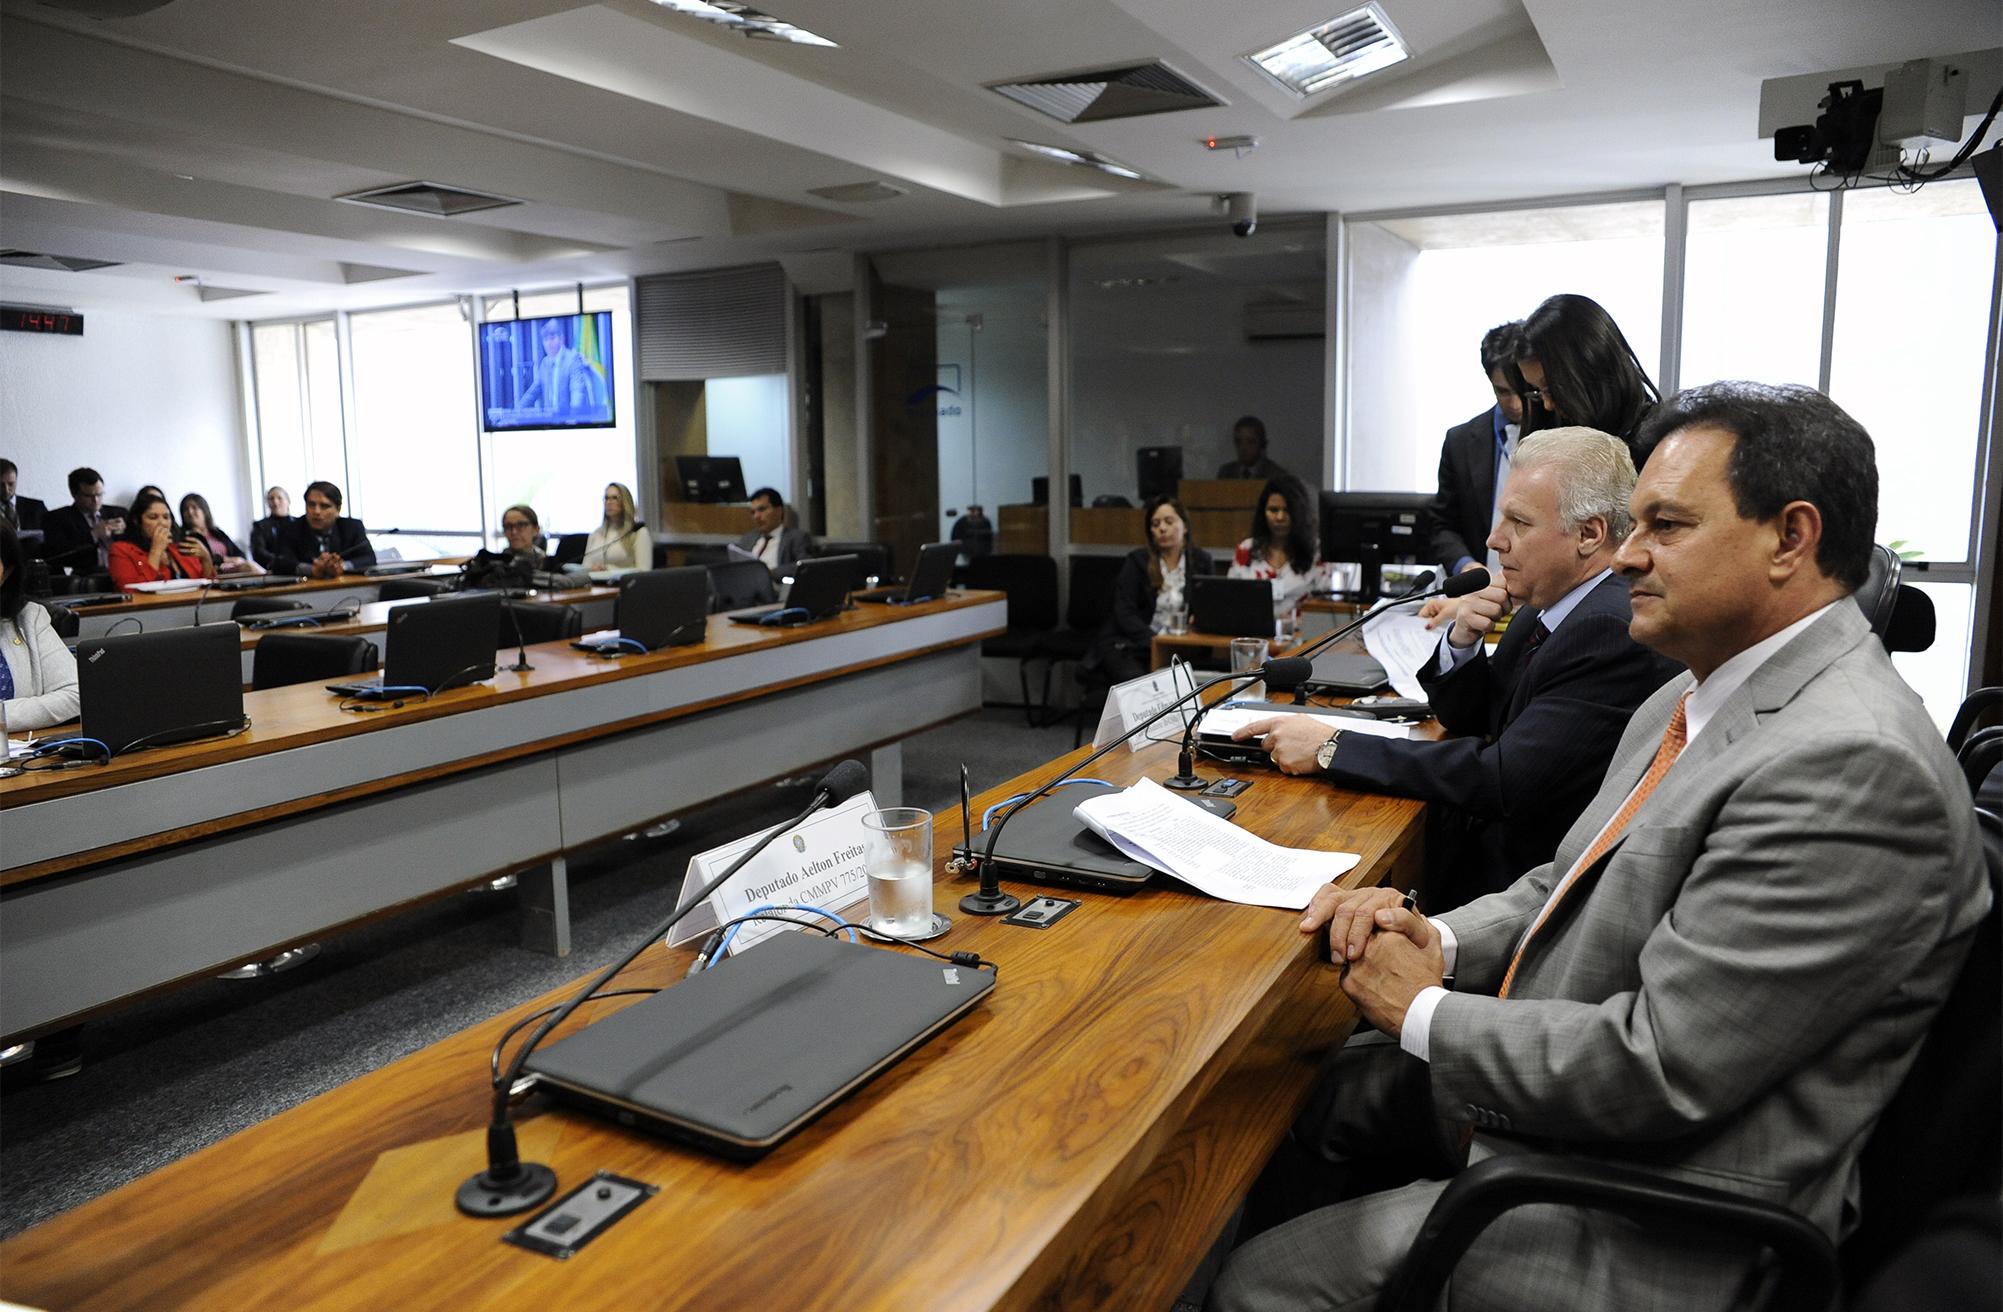 Comissão Mista sobre MP 775/17, que obriga o registro dos bens constituídos em todas as operações realizadas no mercado financeiro (bancário, interbancário e acionário), independente da natureza do negócio